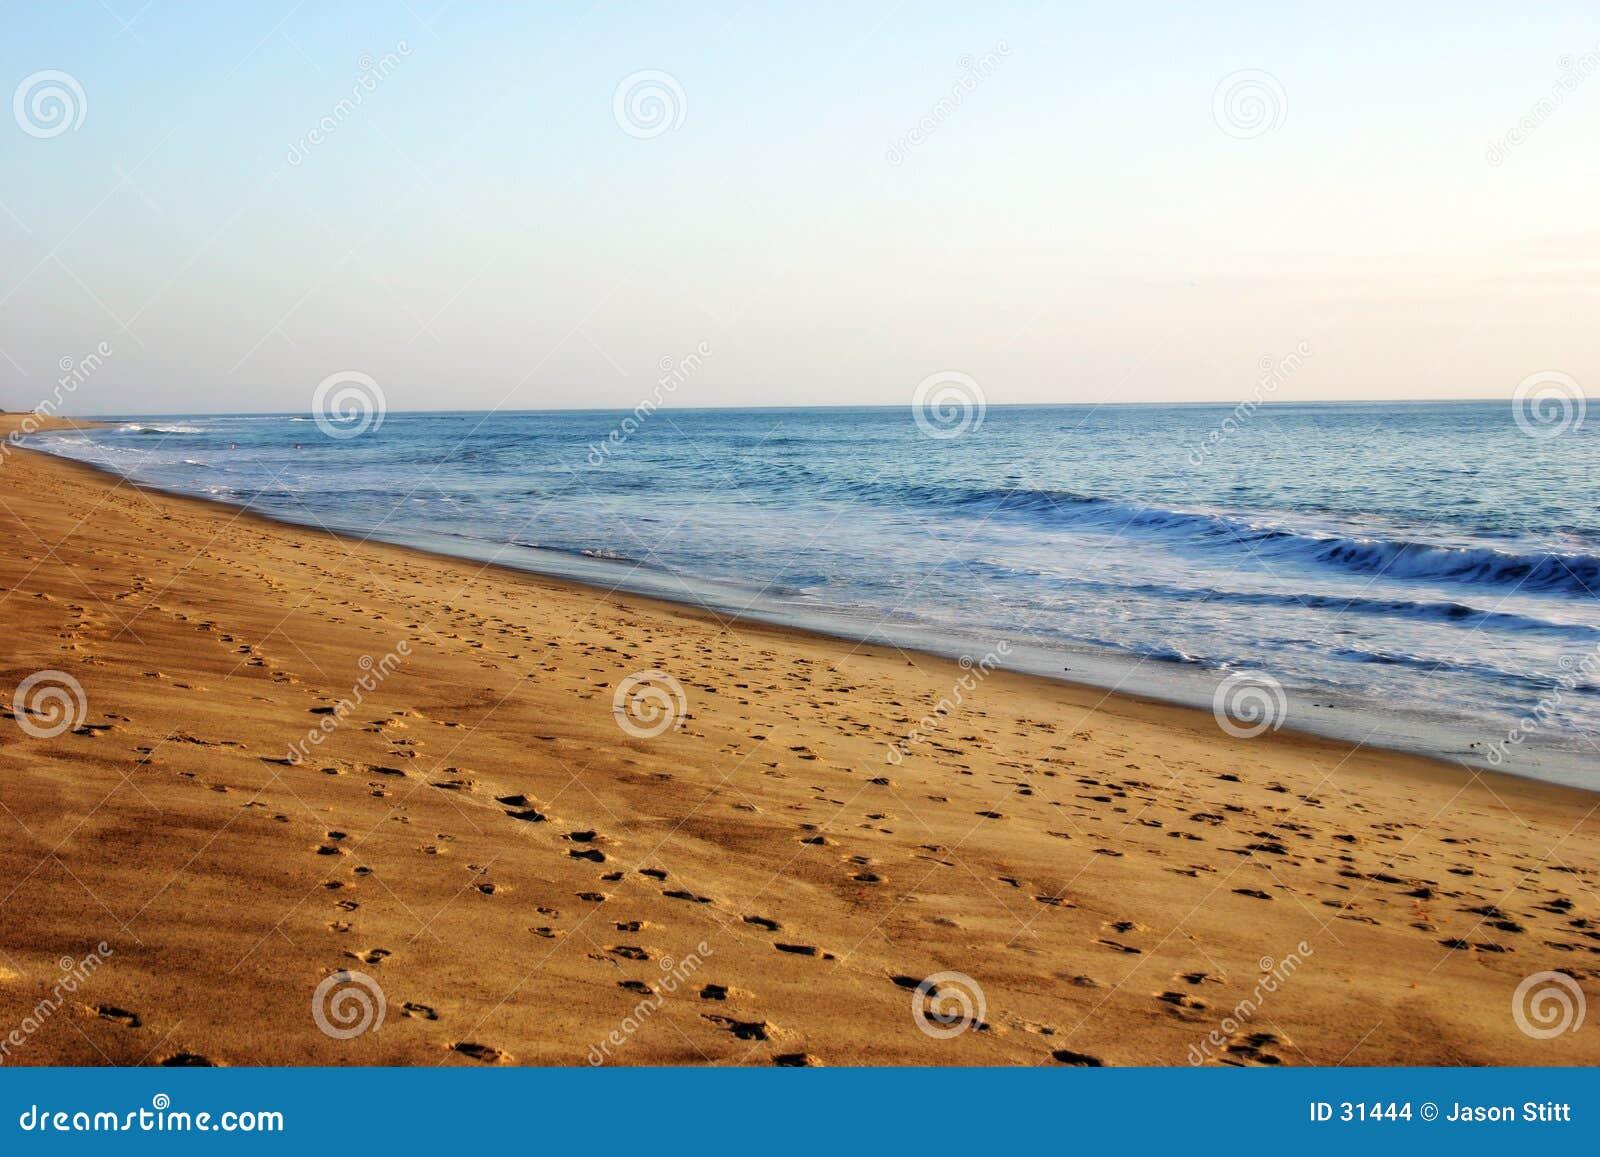 Download Playa foto de archivo. Imagen de huella, océanos, coastline - 31444